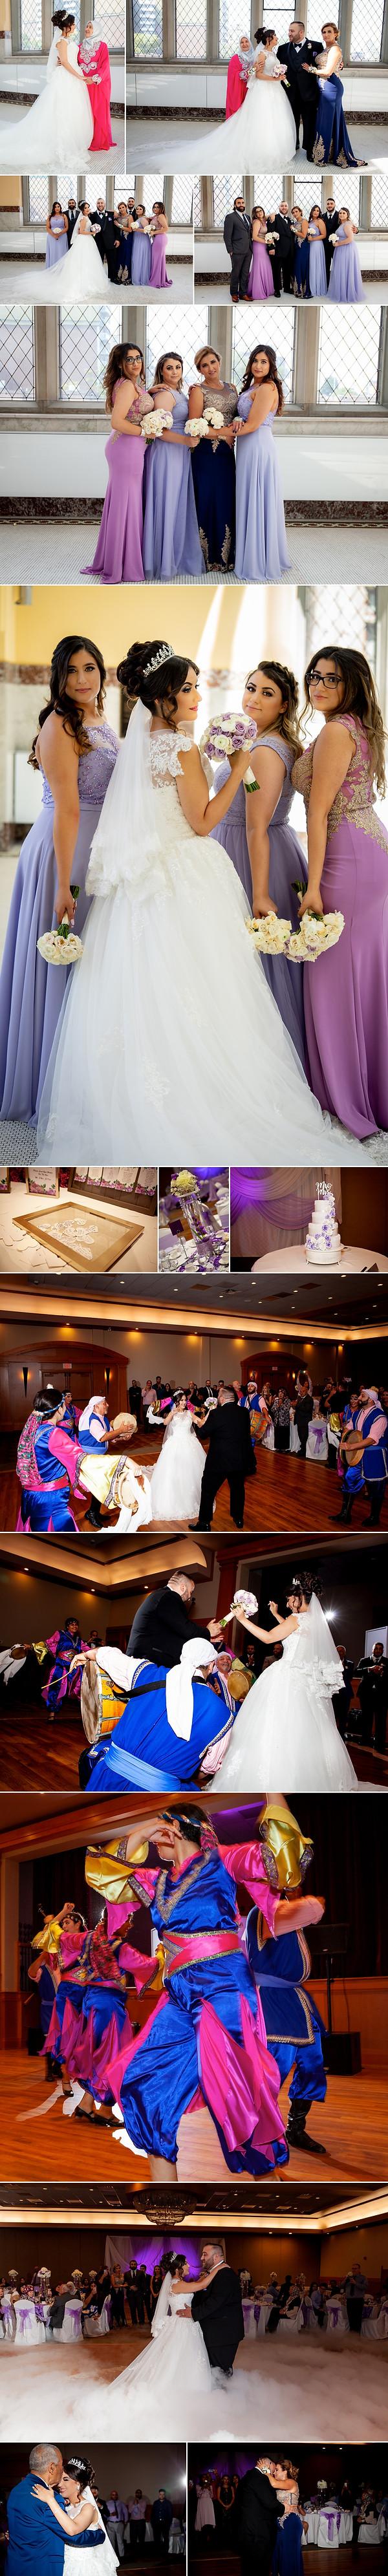 jm collages 3.jpg